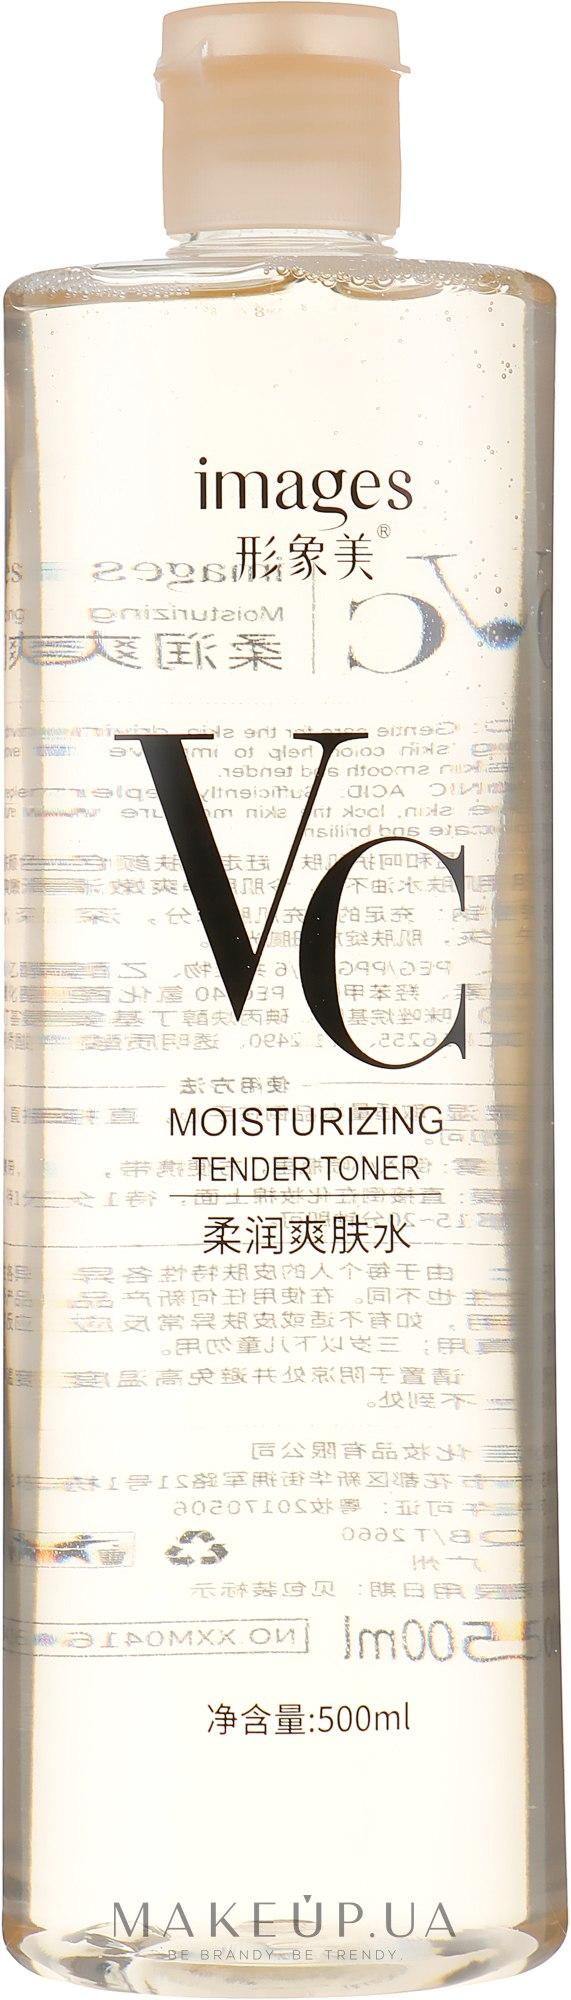 Увлажняющий тонер для лица с экстрактом цитрусов - Images VC — фото 500ml